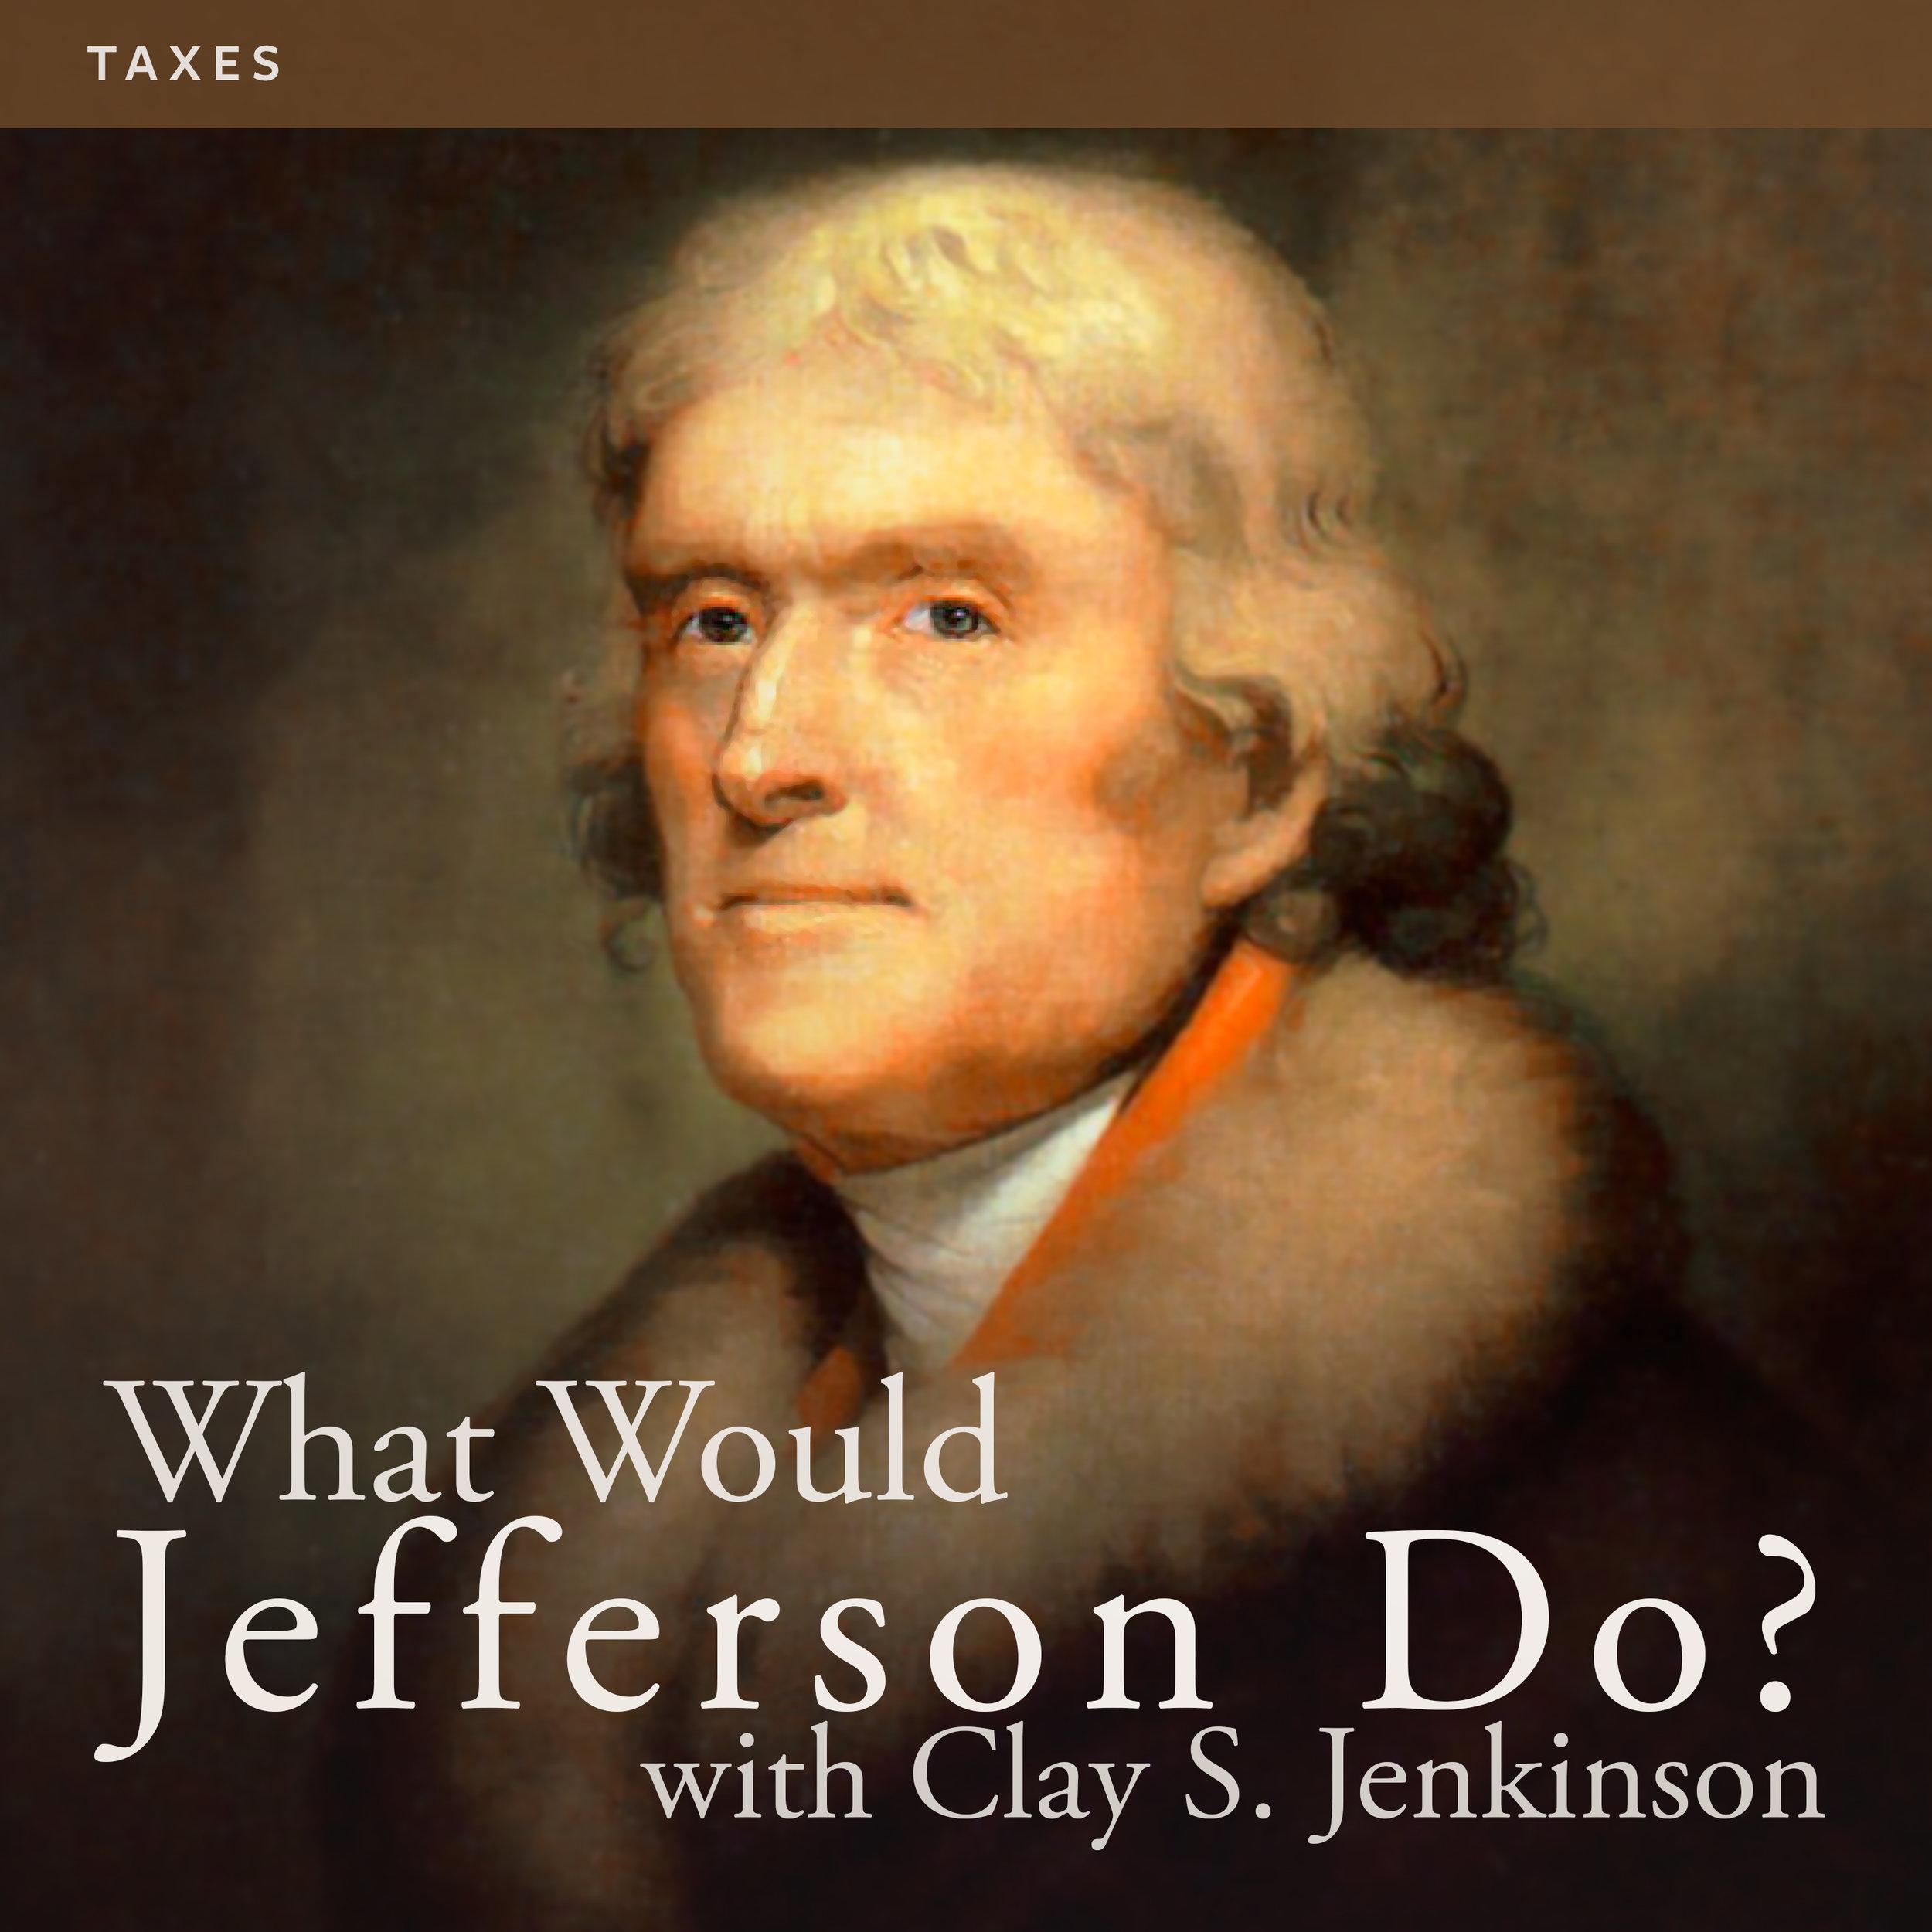 WWTJD_1323 Taxes.jpg